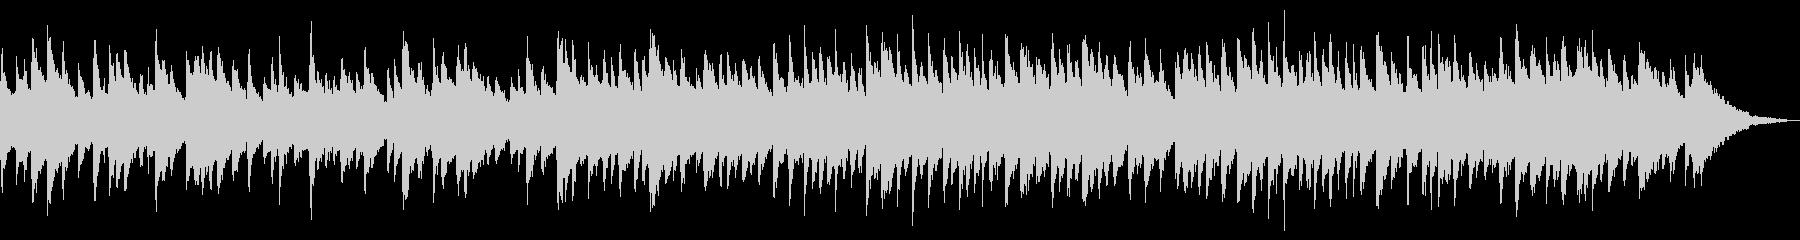 寂し気なバロック風の2声チェンバロの未再生の波形